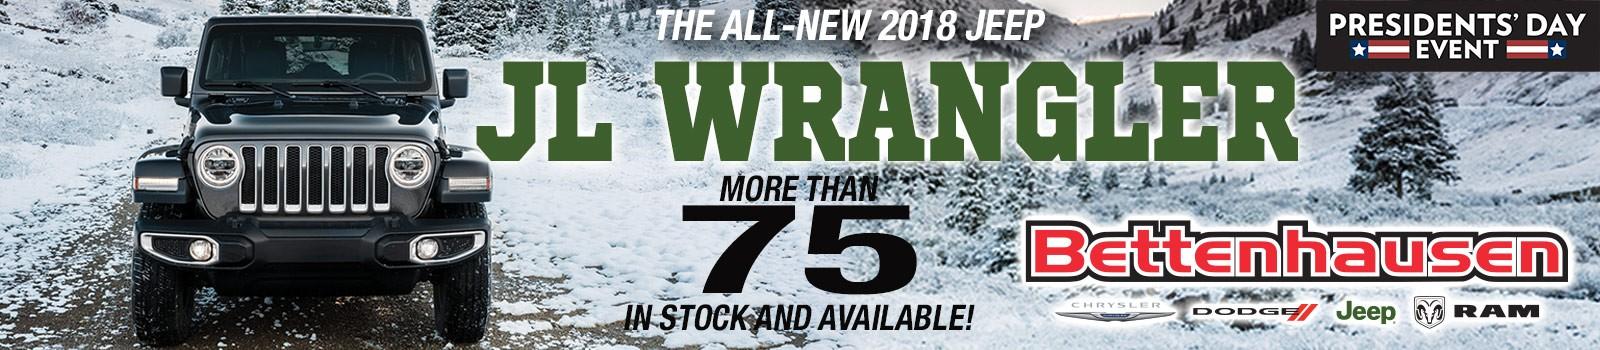 All New Wrangler J/L